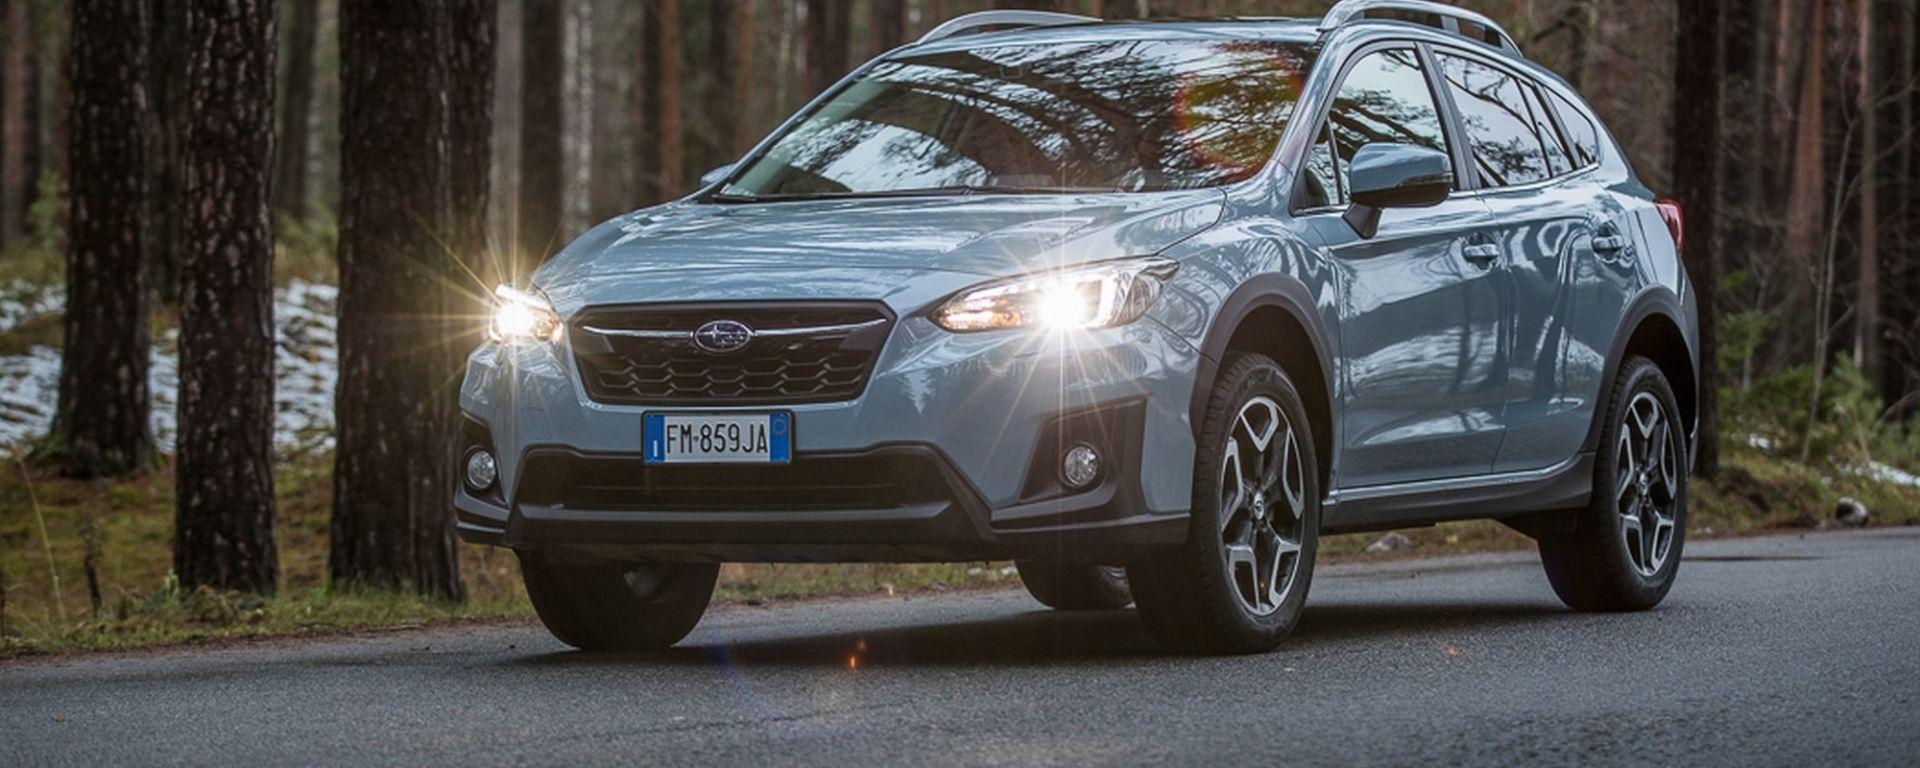 Nuova Subaru XV, compact crossover tutta sostanza